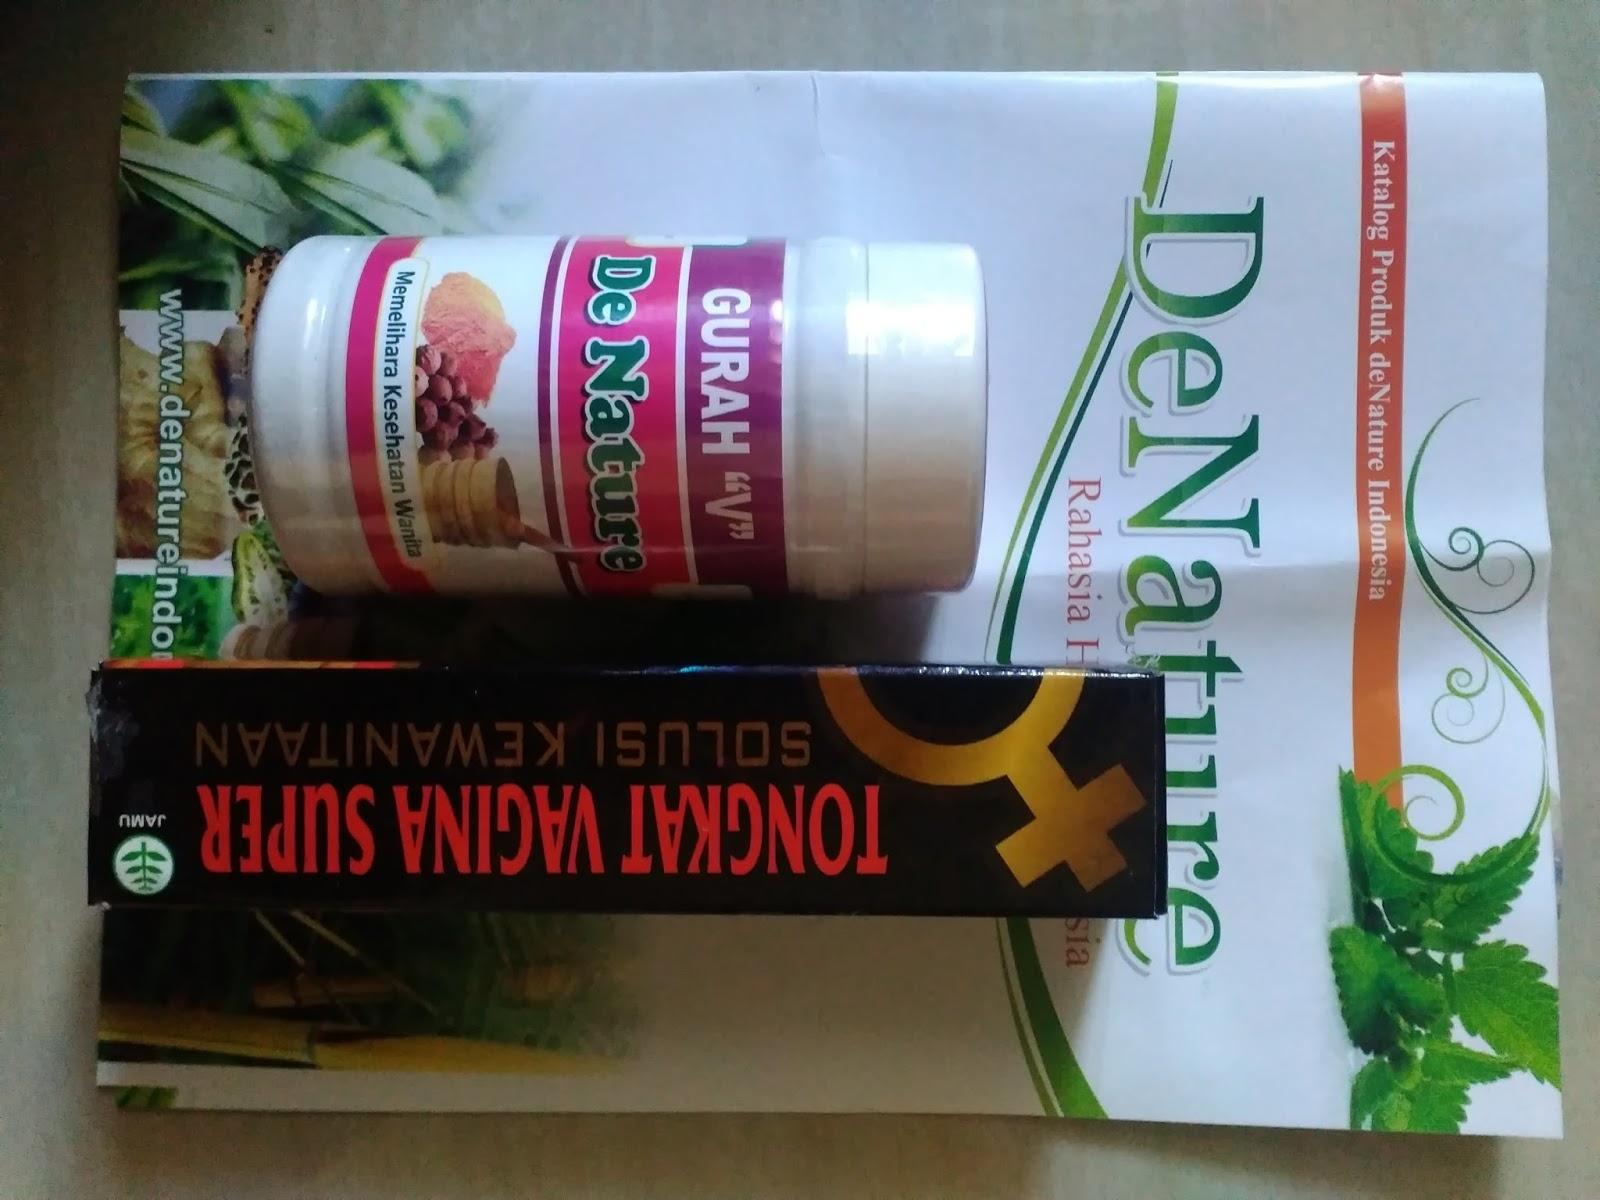 obat alami menghilangkan bau keputihan